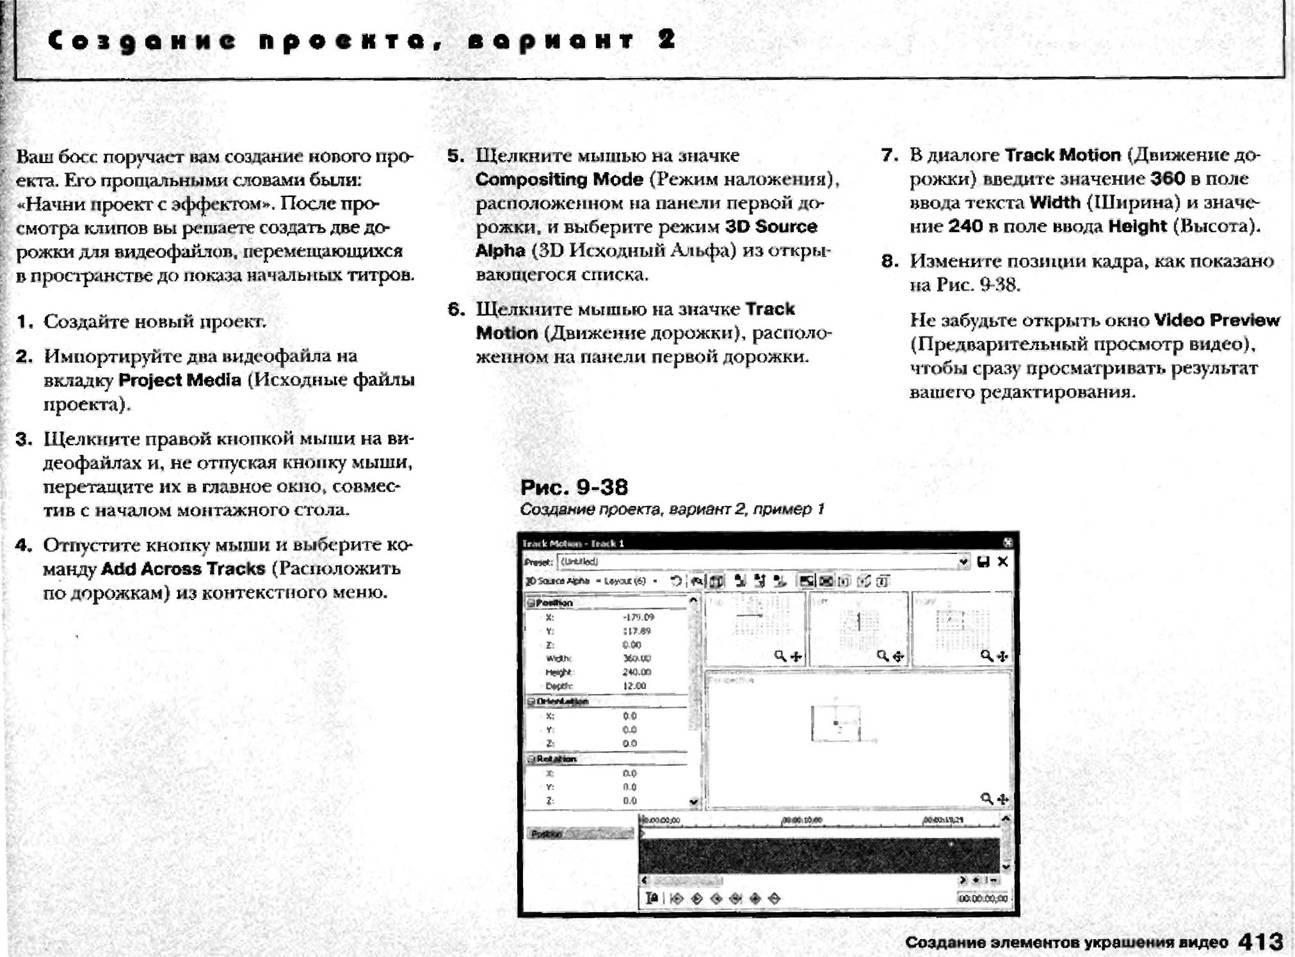 http://redaktori-uroki.3dn.ru/_ph/12/745773402.jpg